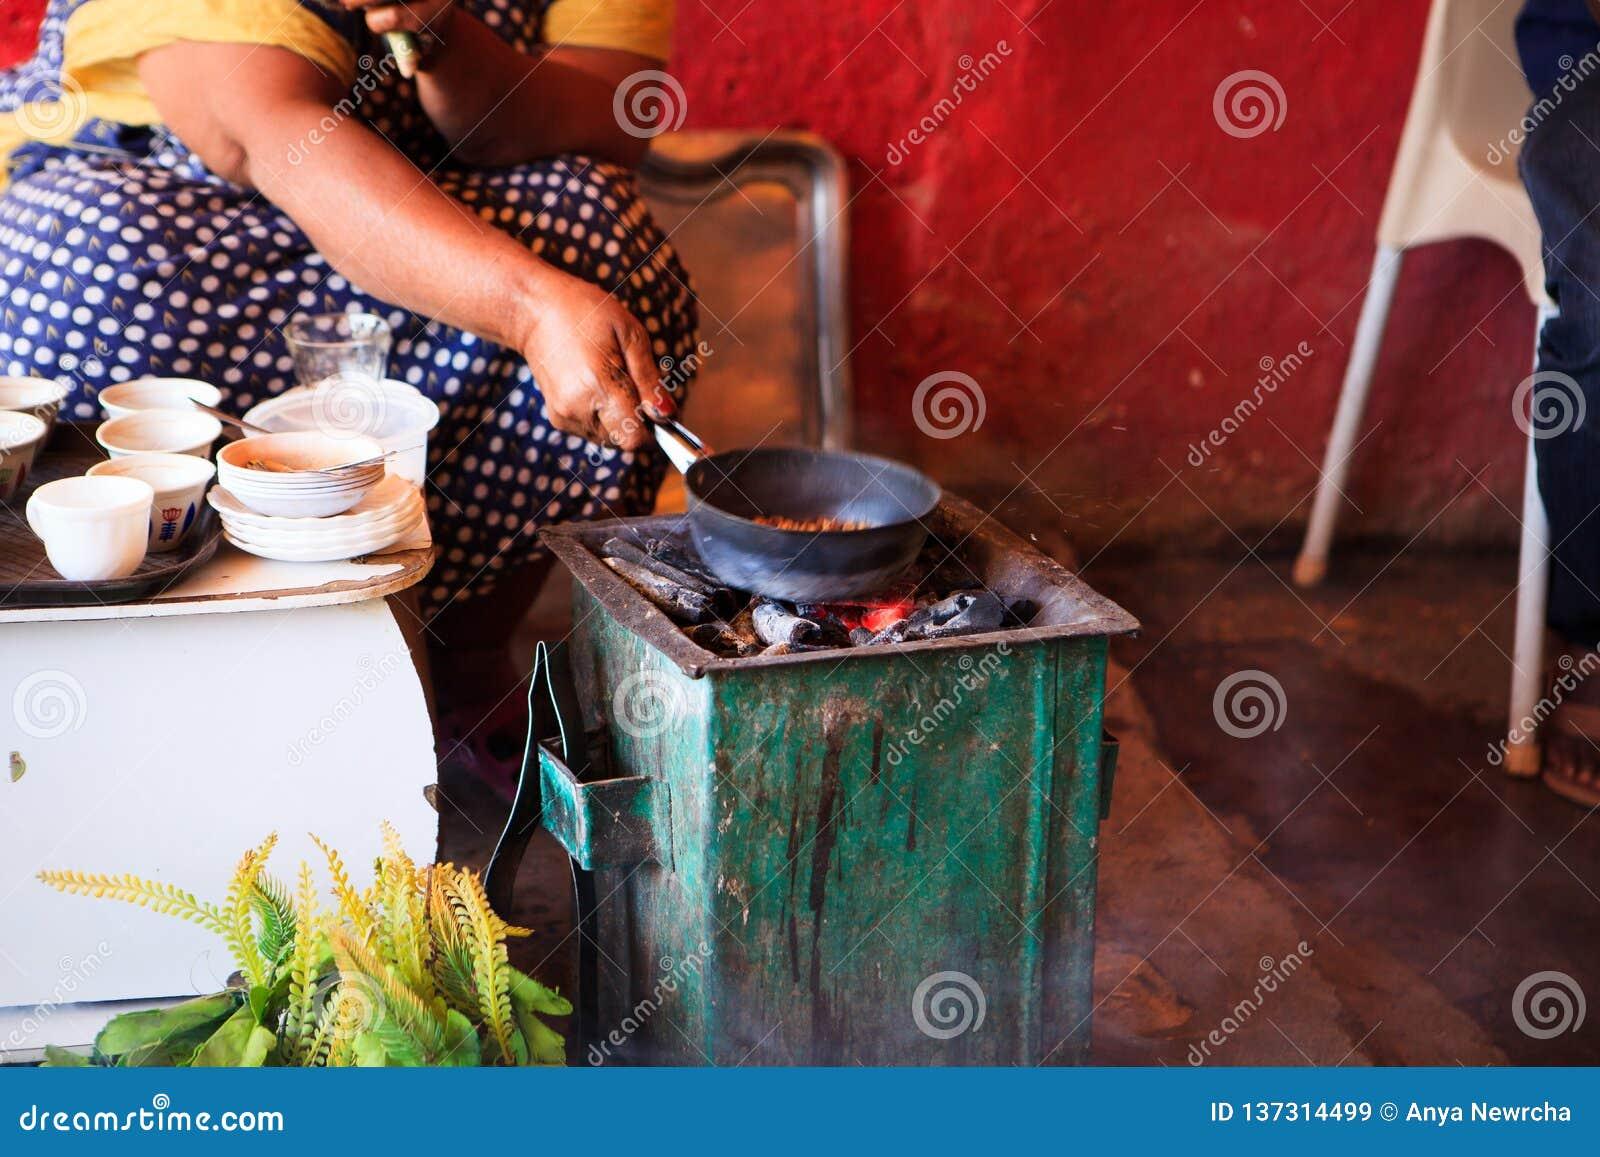 Donna che prepara caffè per i turisti in un modo tradizionale